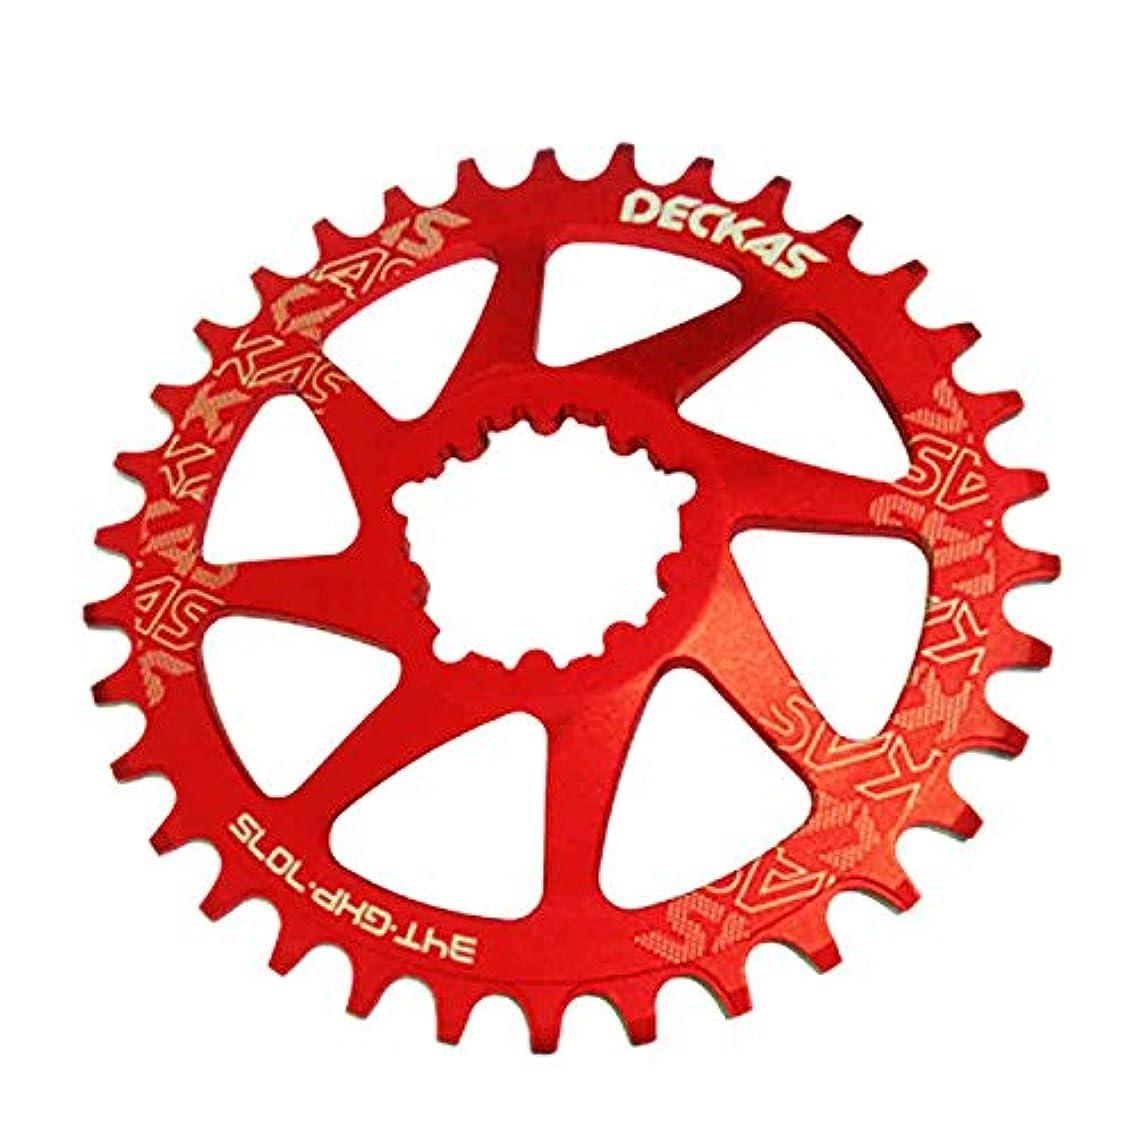 バッジに対応するグリットPropenary - GXP bicycle crankset Al 7075 CNC32T 34T Narrow Wide Chainring Chainwheel for Sram XX1 XO1 X1 GX XO X9 crankset bicycle parts [ 36T Red ]